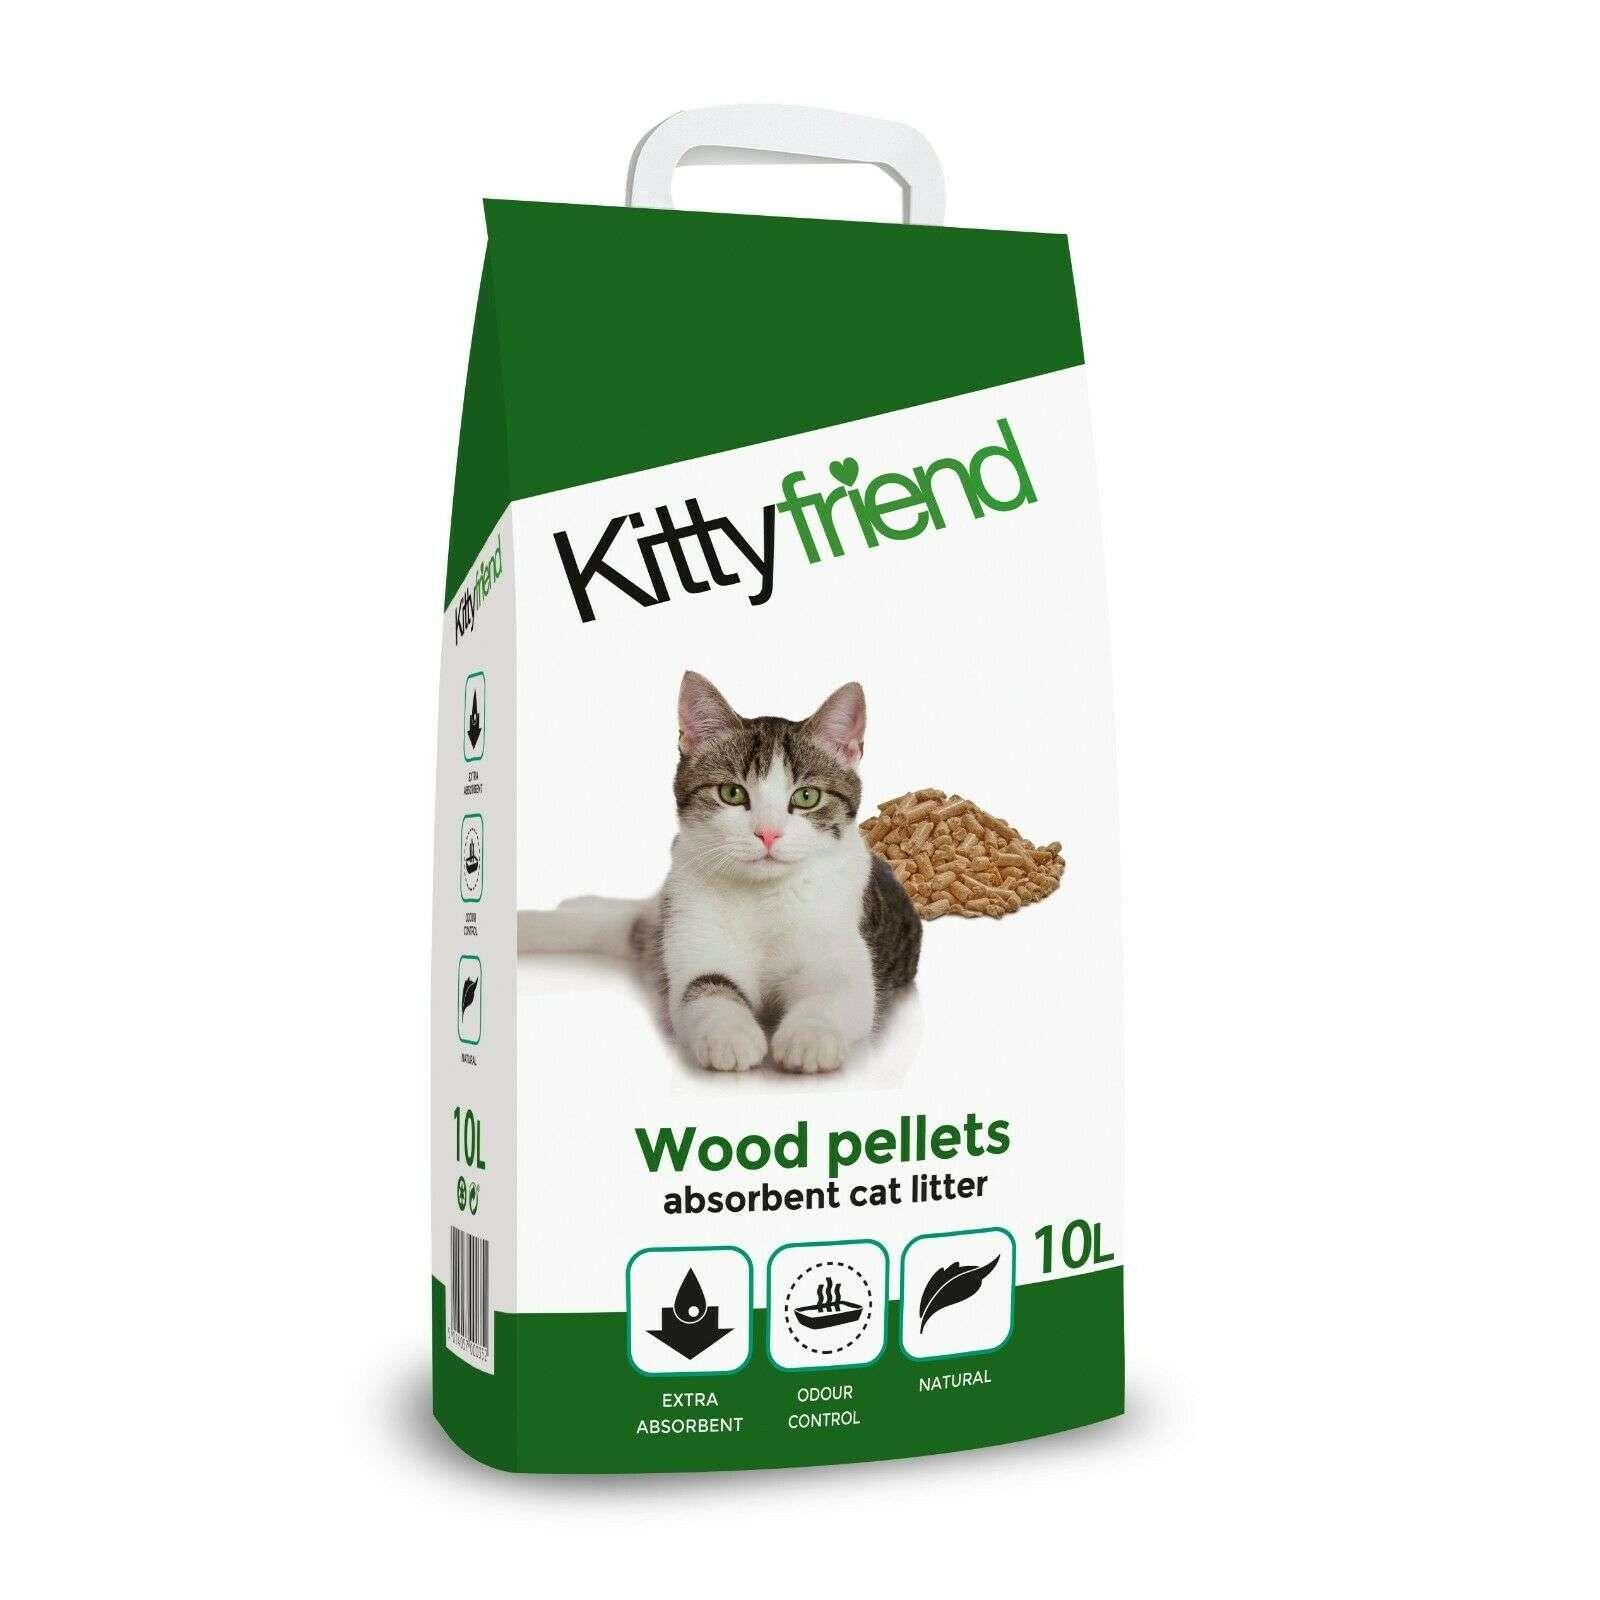 Sanicat Kitty Friend Wood Pellets Cat Litter 10L